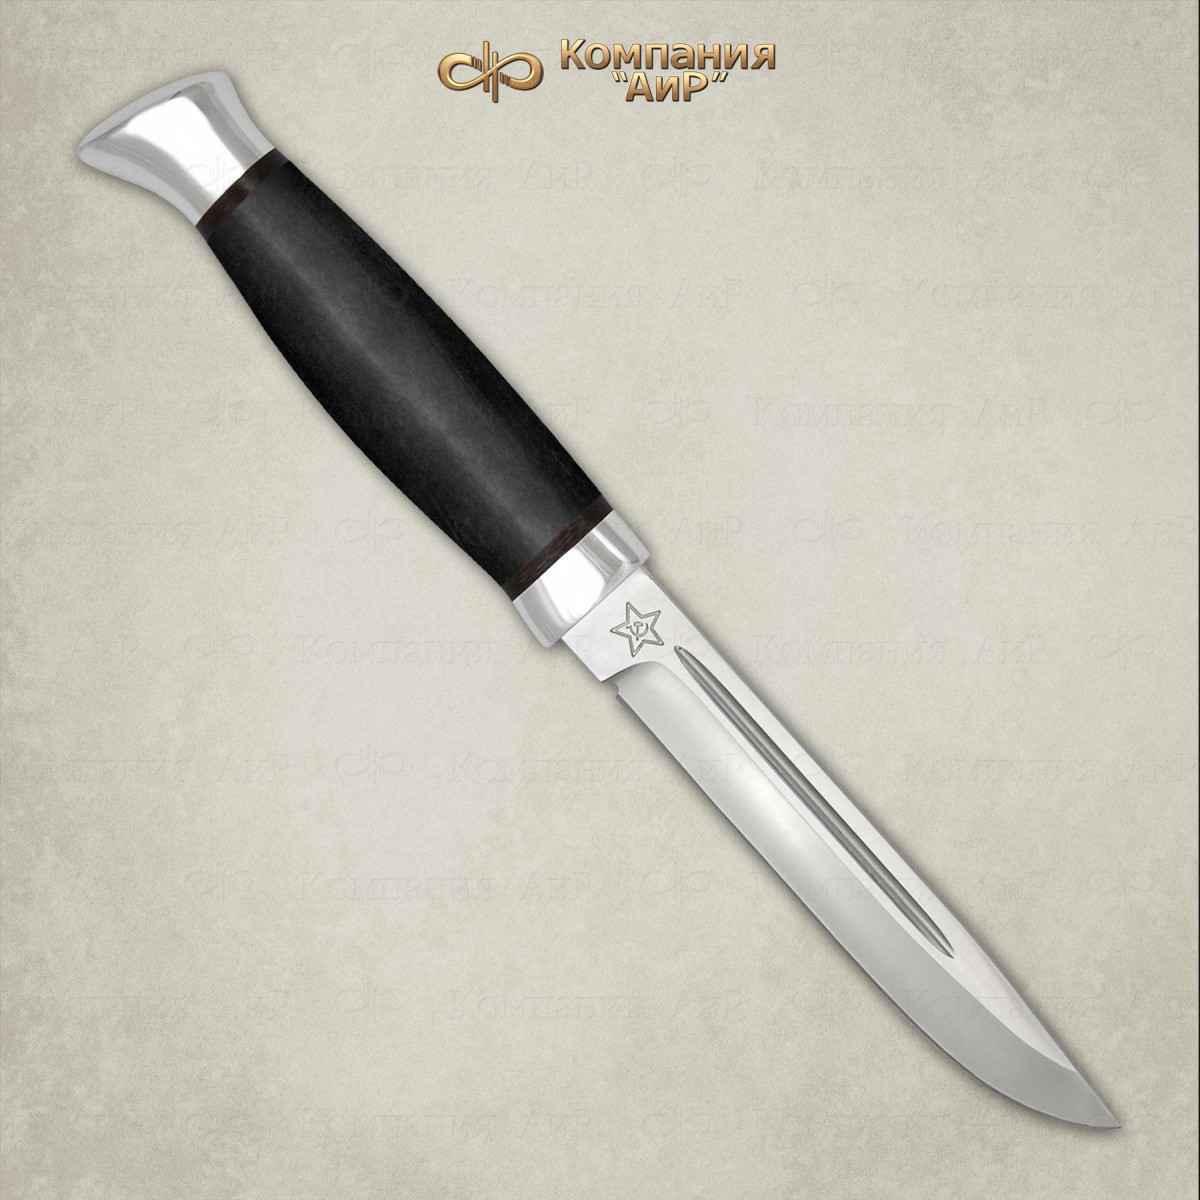 Нож разделочный АиР Финка-3, сталь Elmax, рукоять граб нож финка нквд сталь elmax граб мельхиор